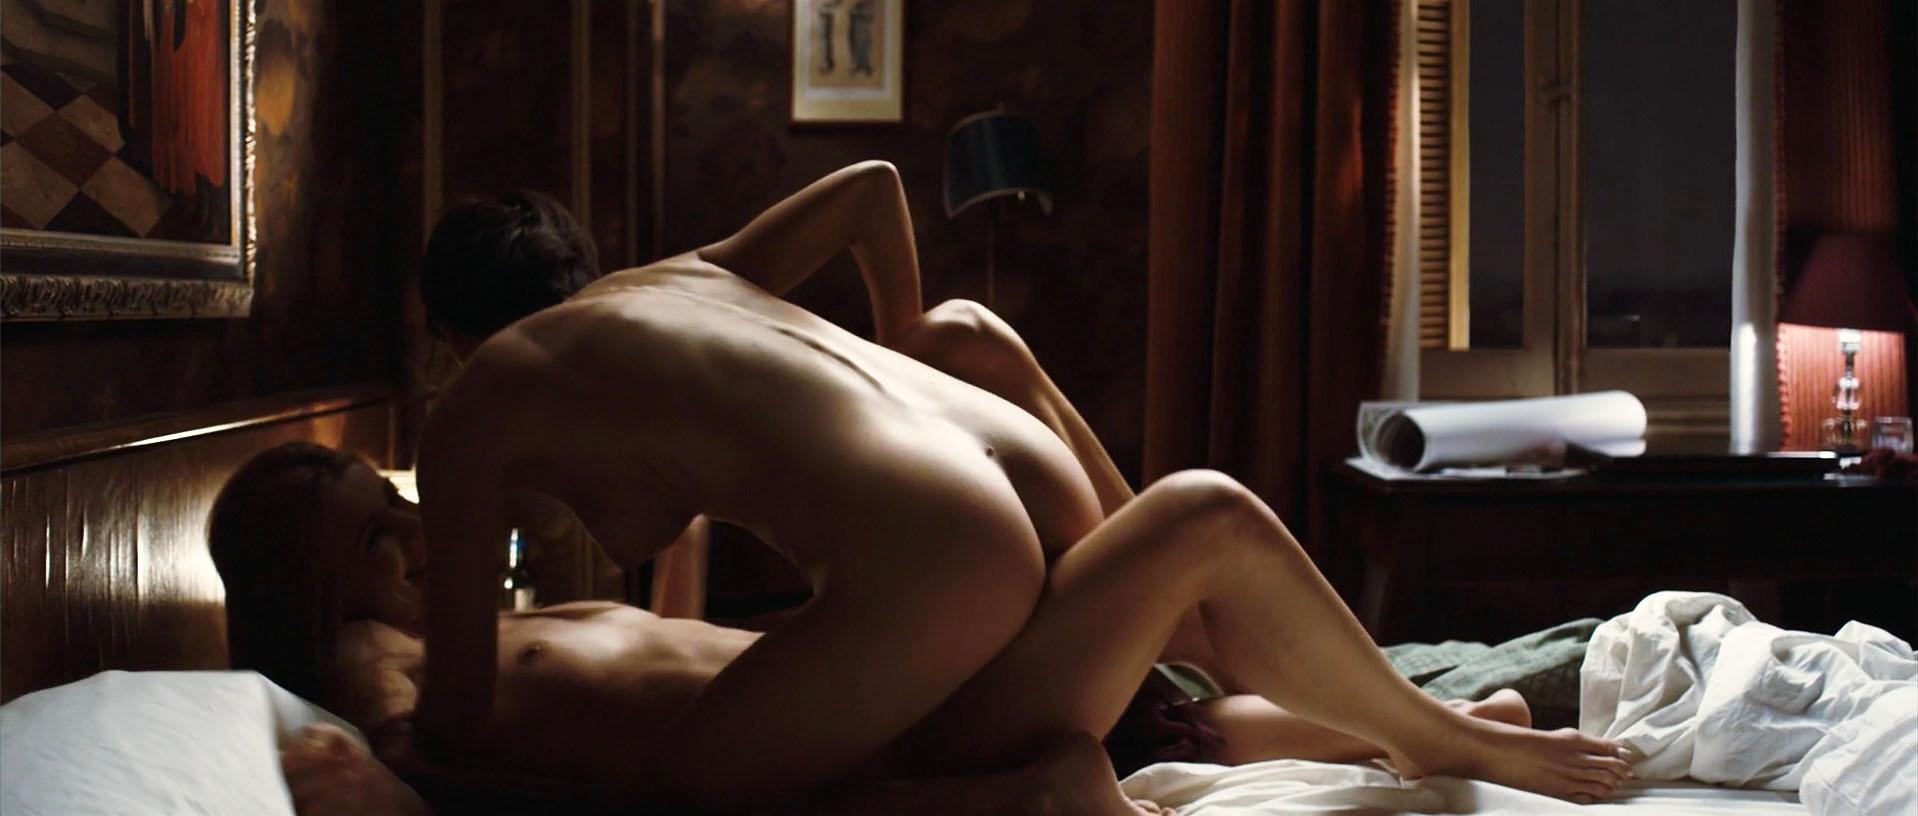 Elena Anaya nude, Natasha Yarovenko nude - Room in Rome (2010) #2